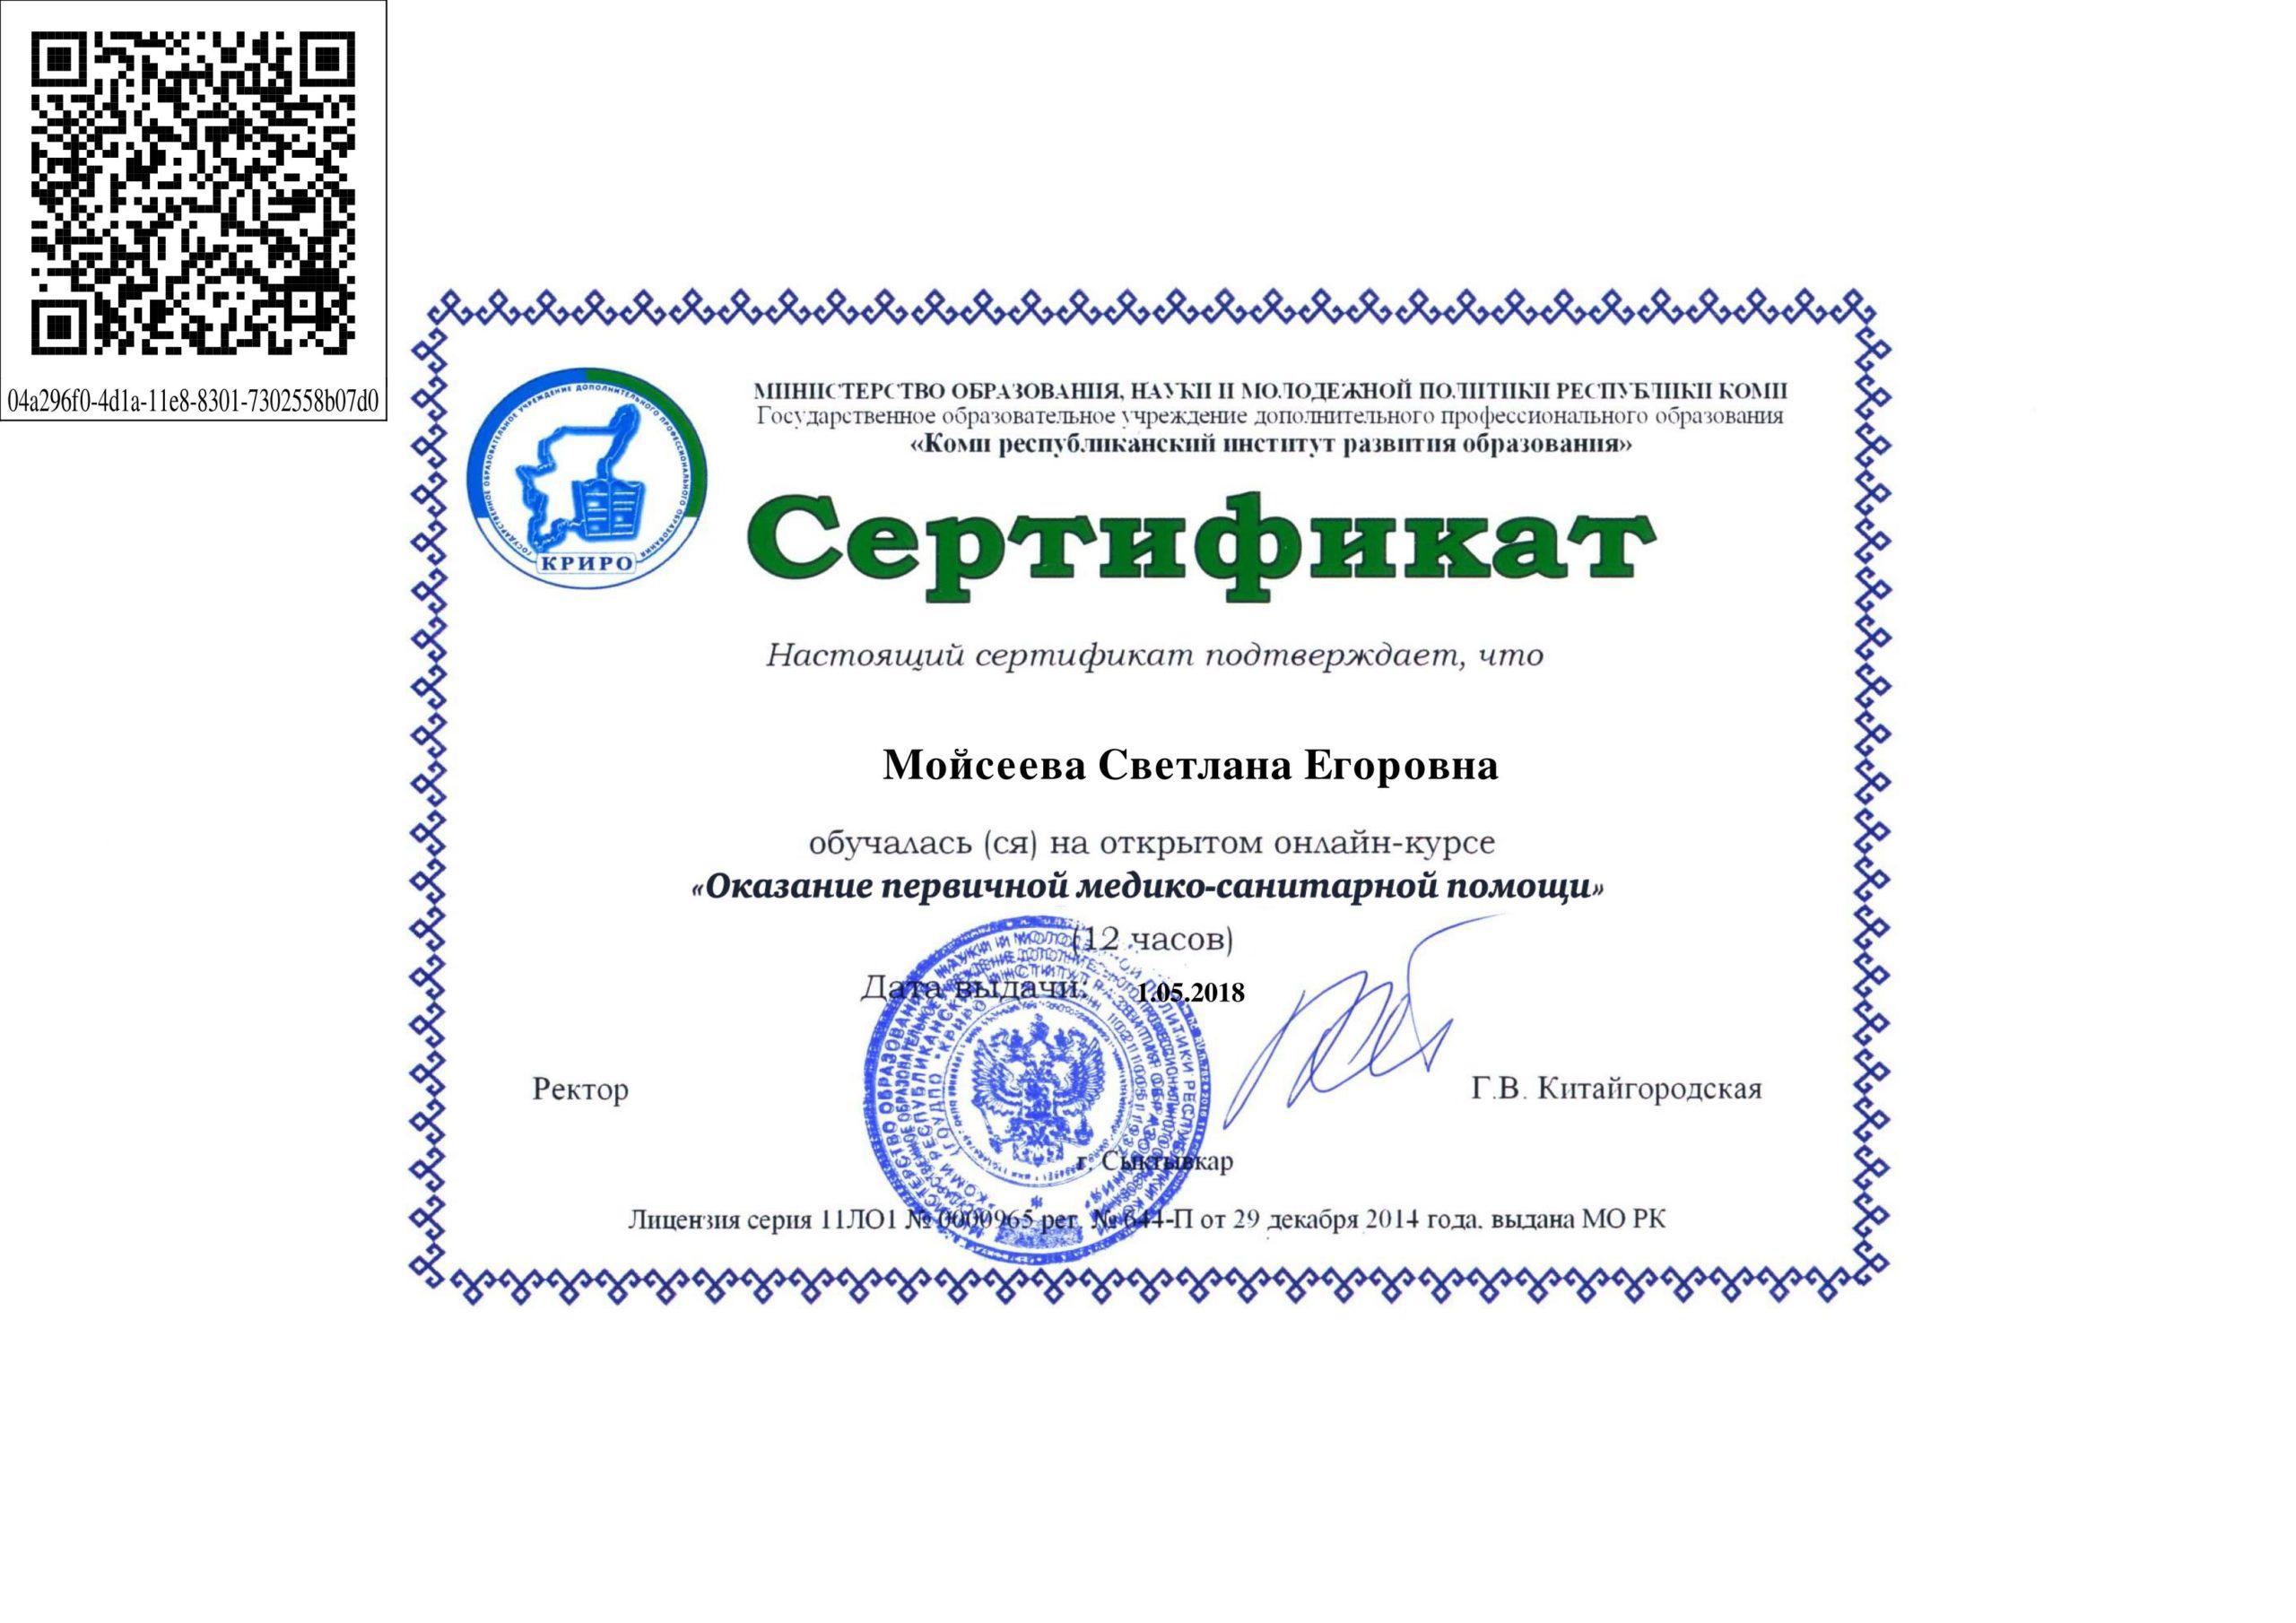 Оказание_первичной_медико_санитарной_помощи-Сертификат_2018_15868_01